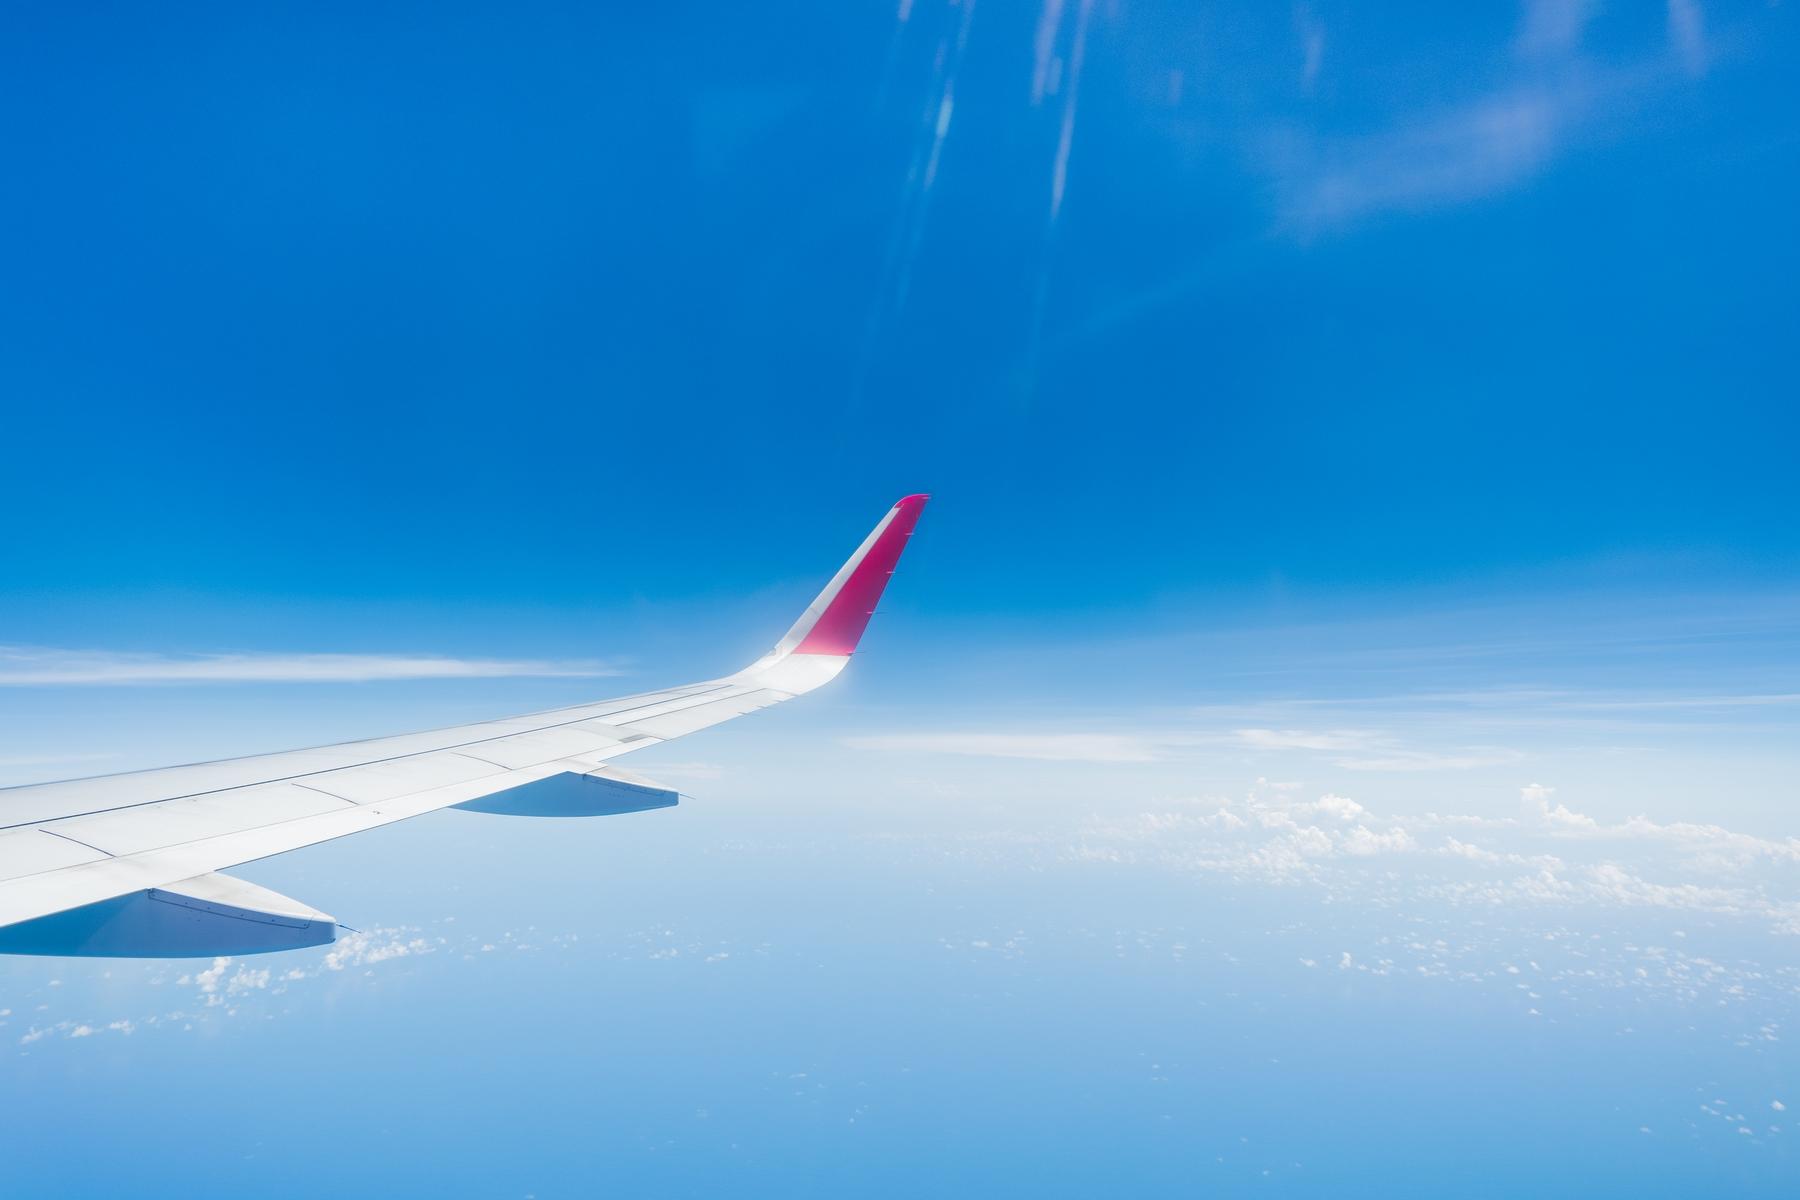 Asa de avião com azul do céu e nuvens ao fundo